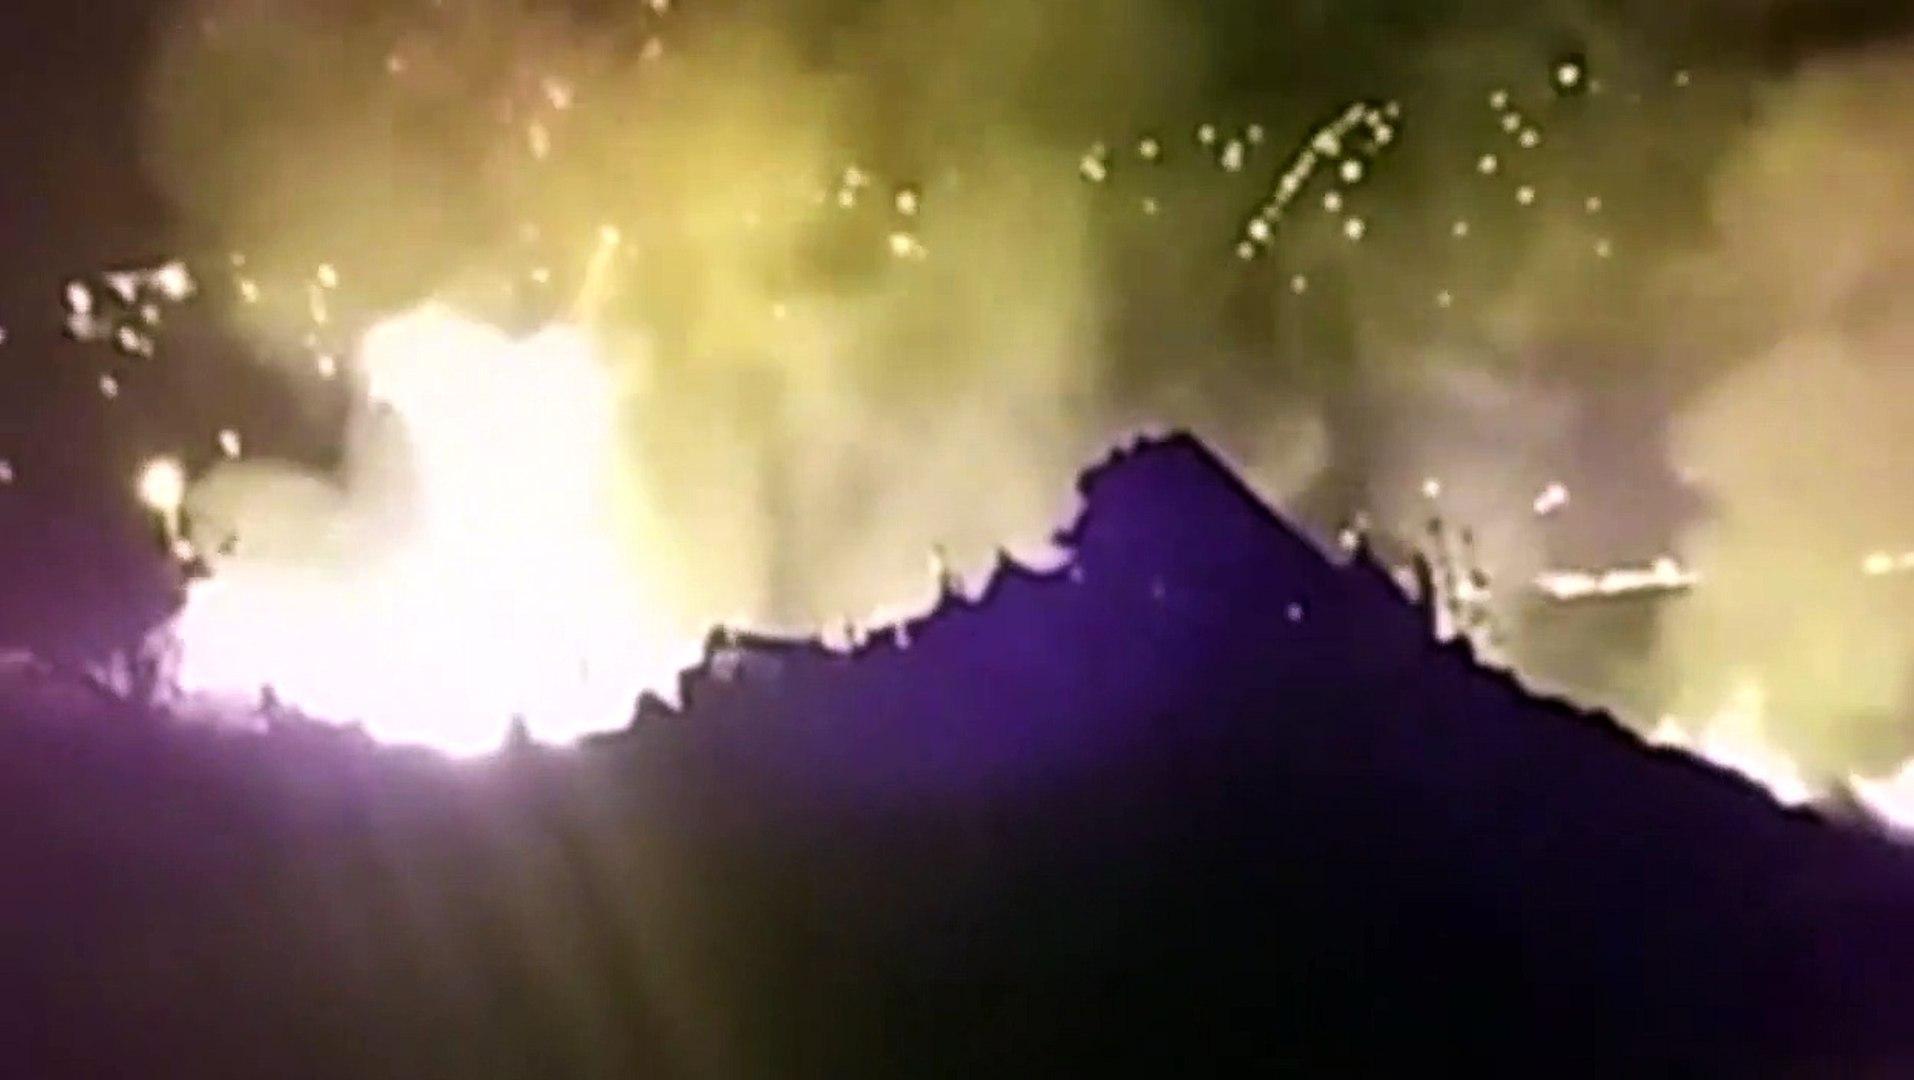 Internautas registram queimadas em vegetação em vários pontos da cidade